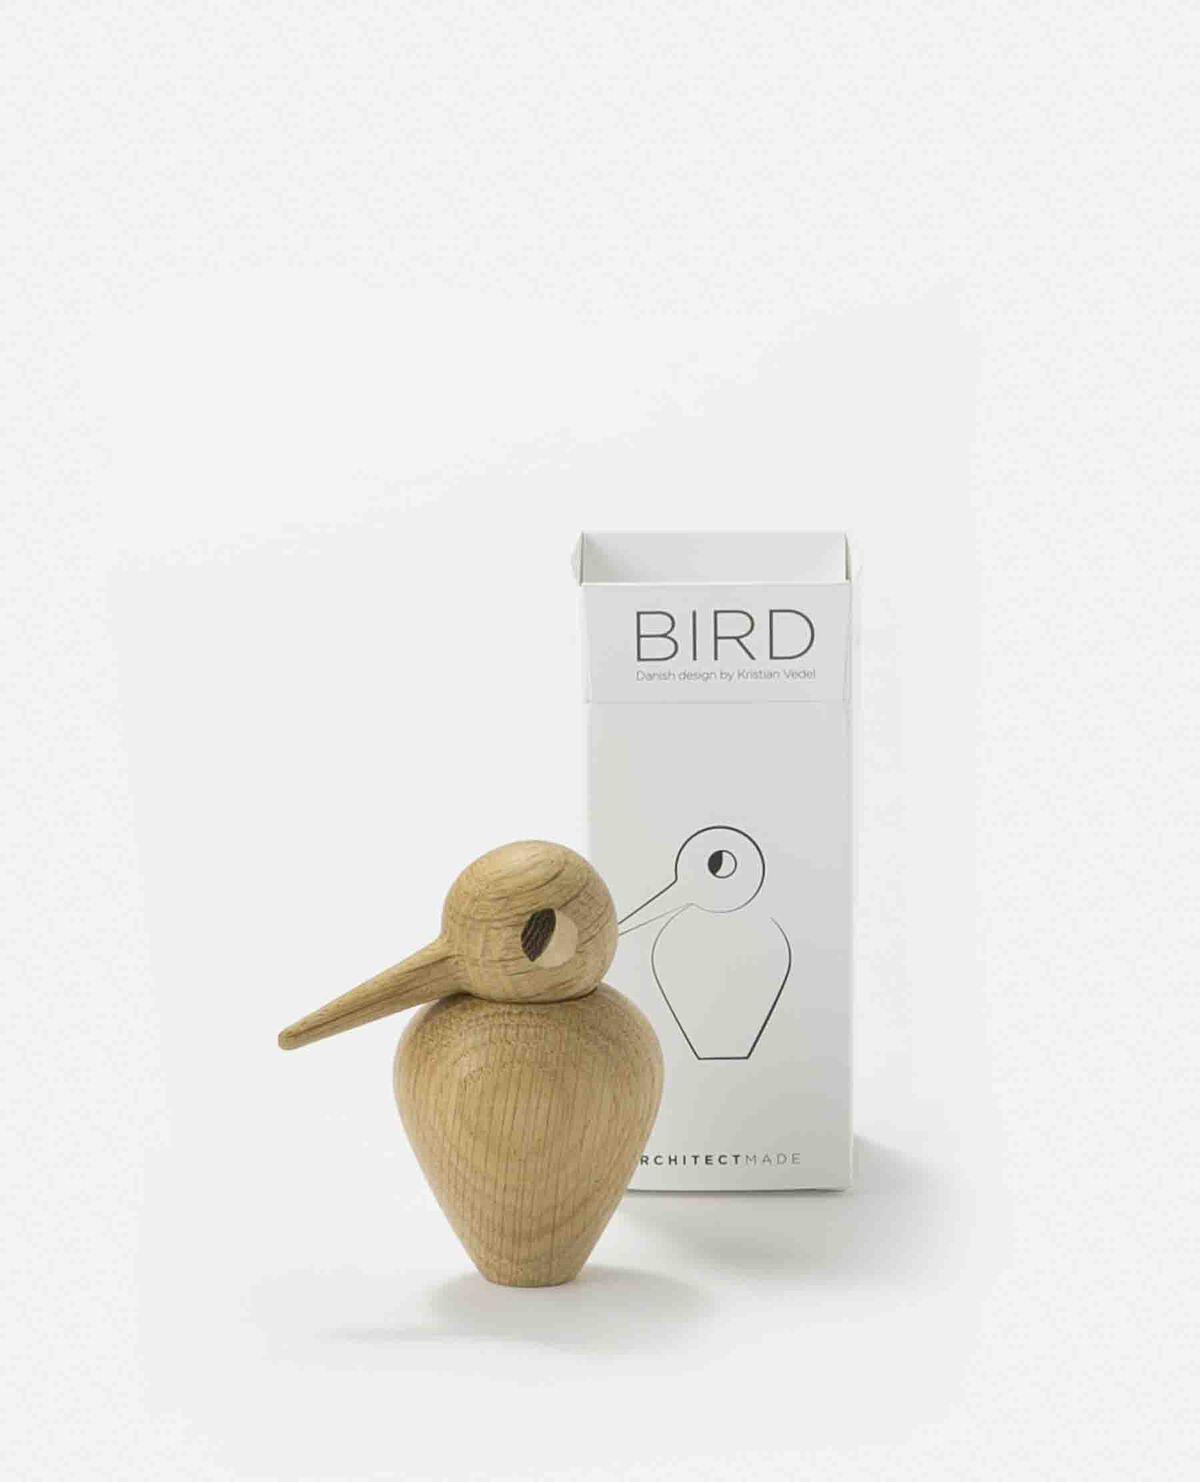 BIRD Small(バード スモール)